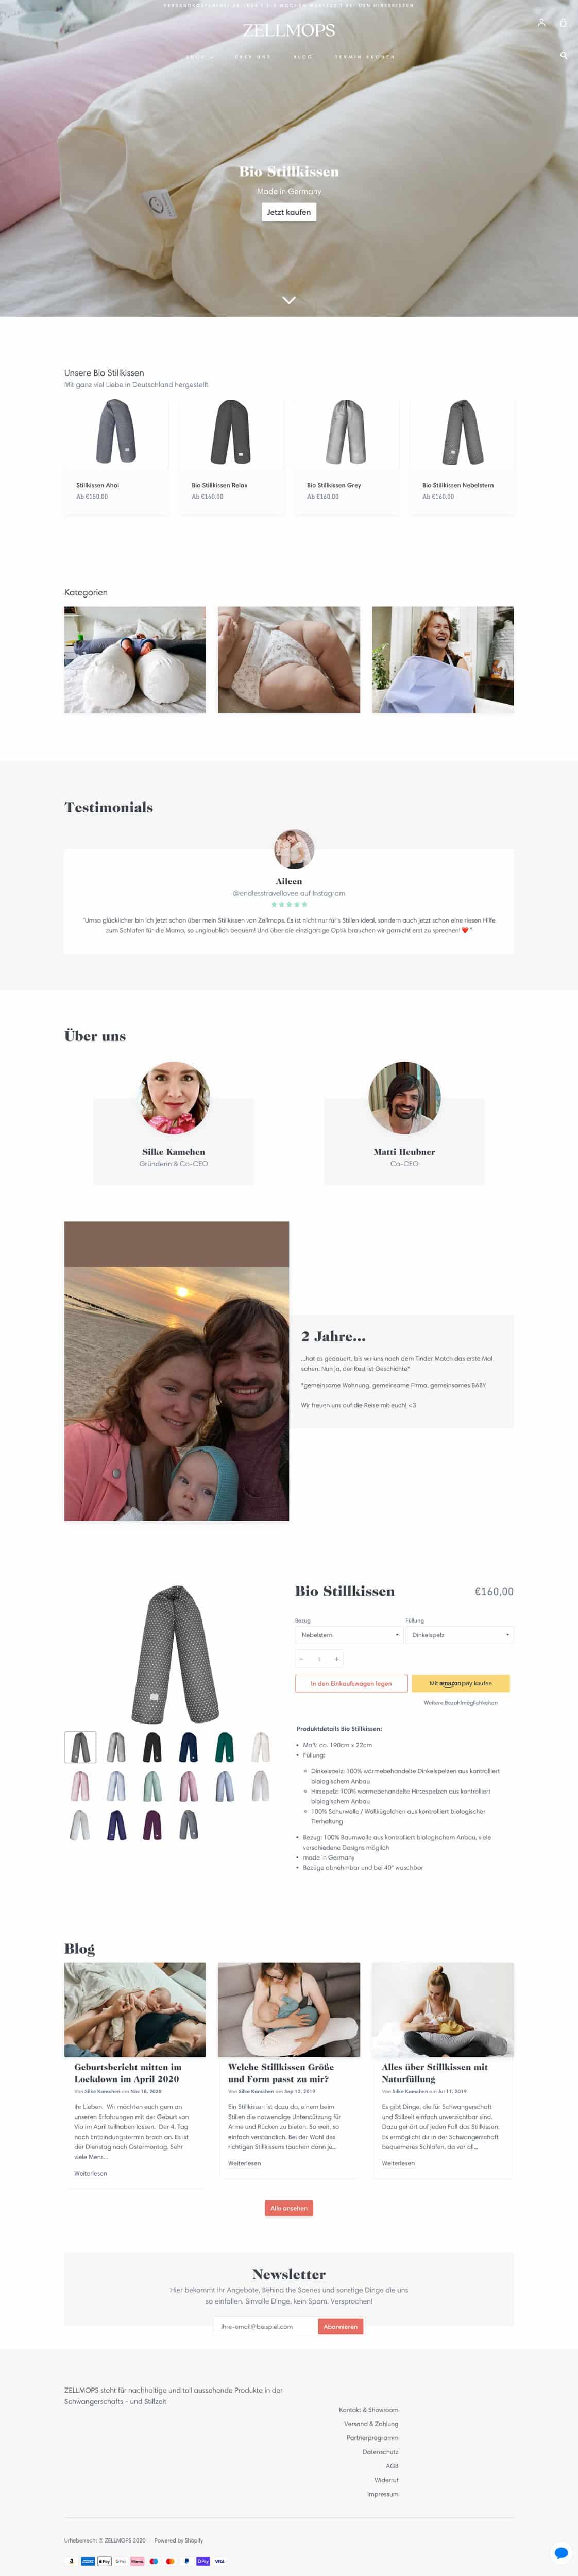 Zellmops ist ein tolles Beispiel für eine mit 1&1 erstellte Website